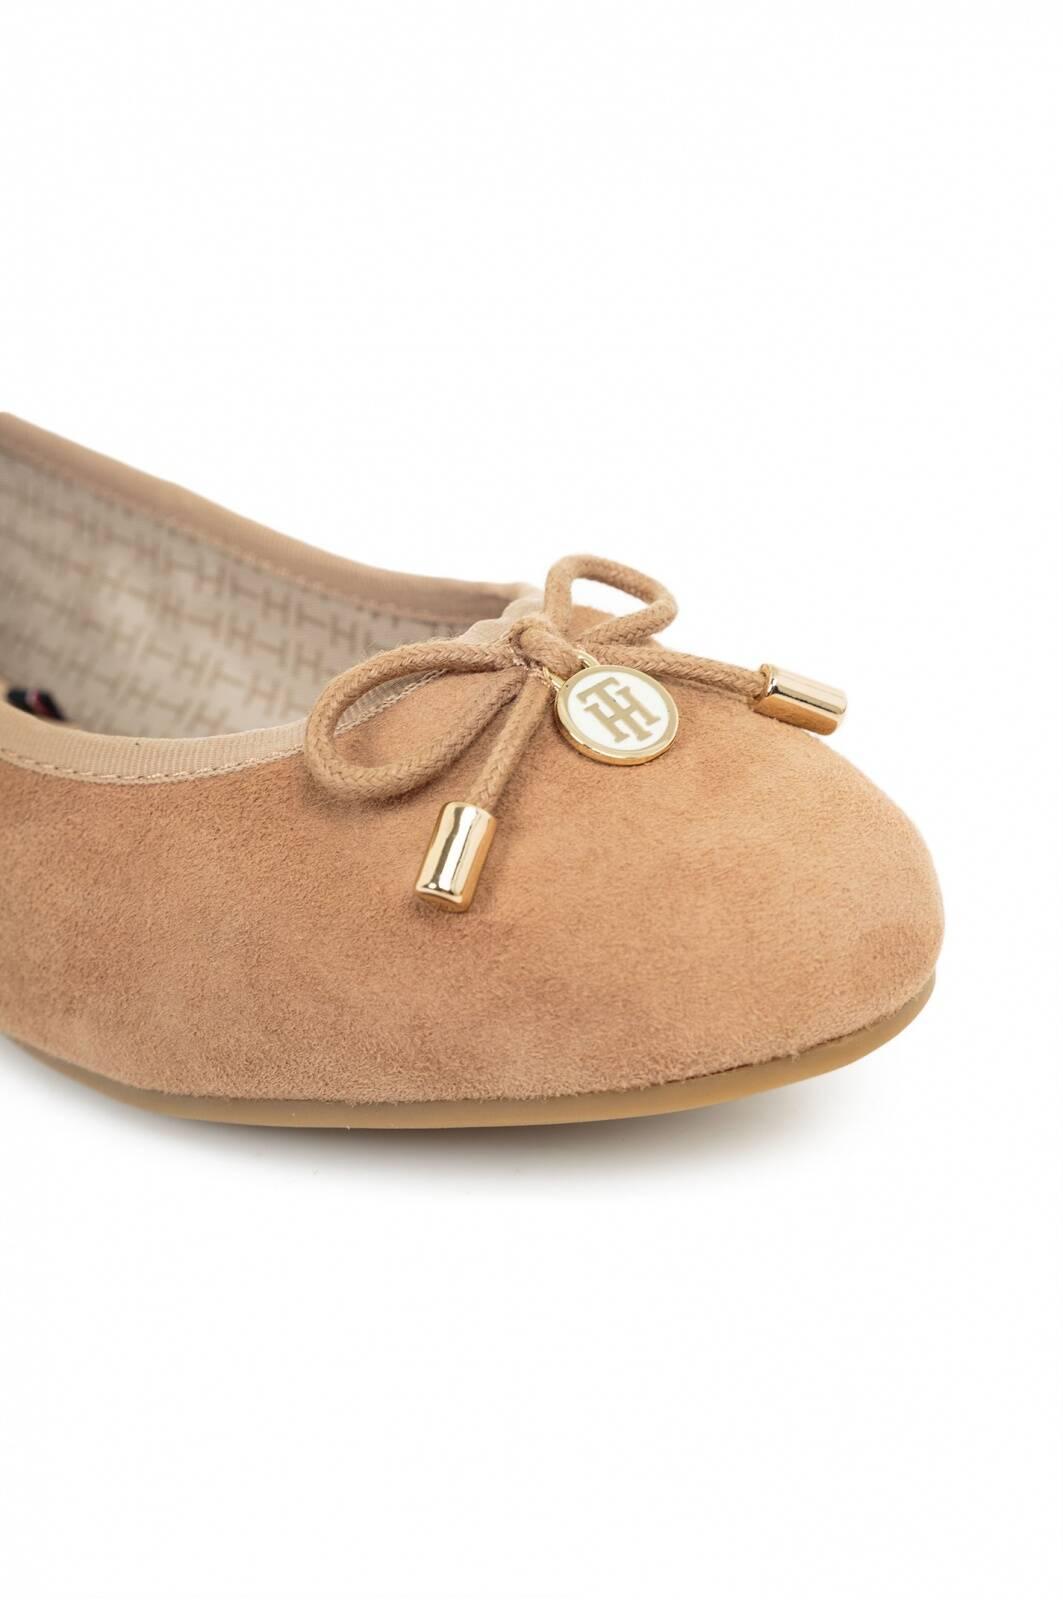 amy 54b ballerinas tommy hilfiger beige shoes. Black Bedroom Furniture Sets. Home Design Ideas